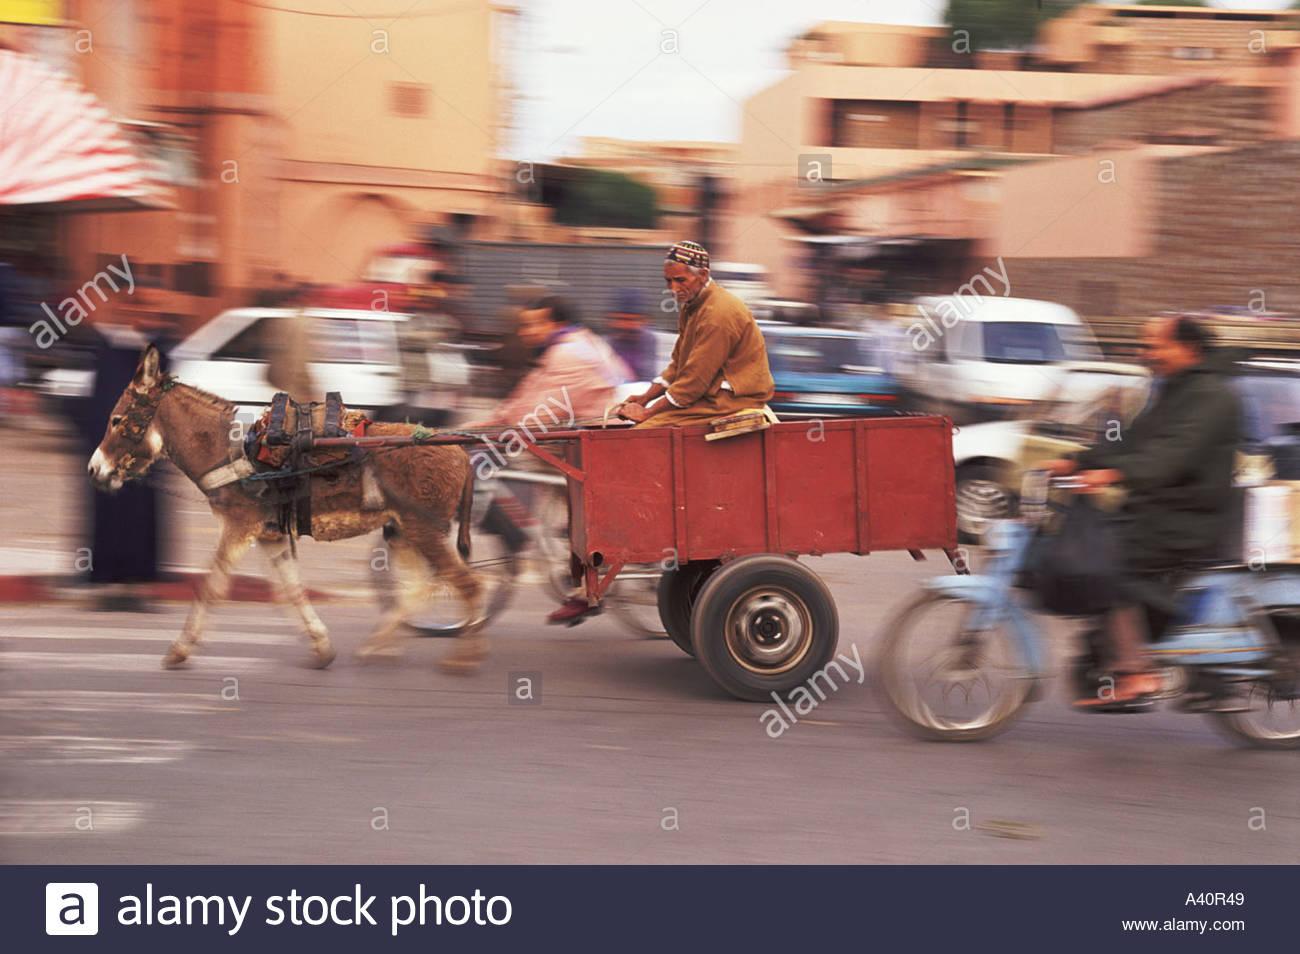 donkey-cart-in-marrakech-A40R49.jpg